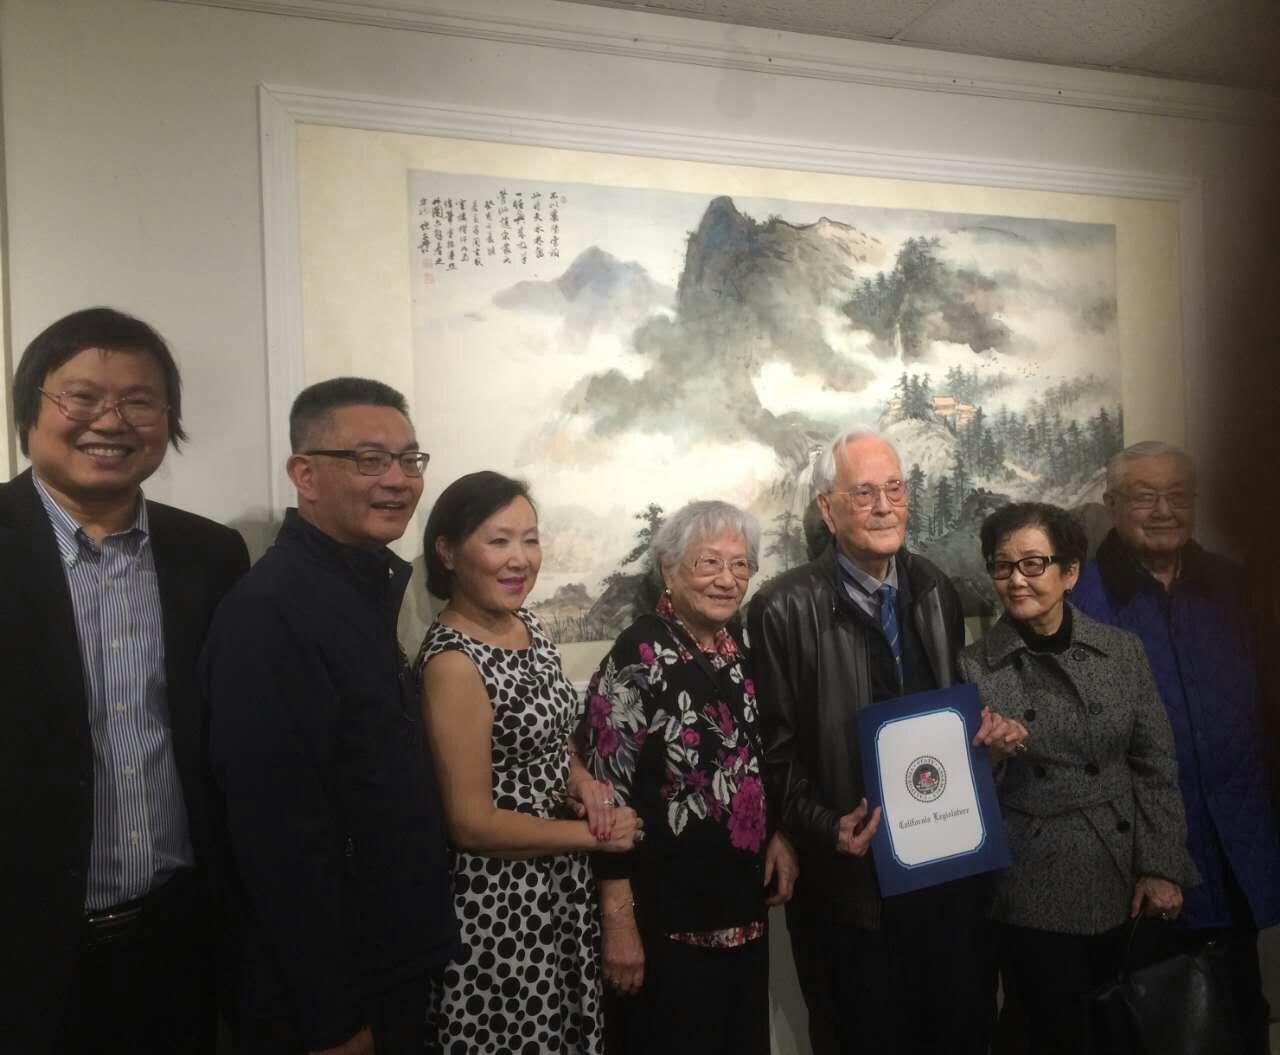 伏文彦书画大展,美国硅谷亚洲艺术中心举办